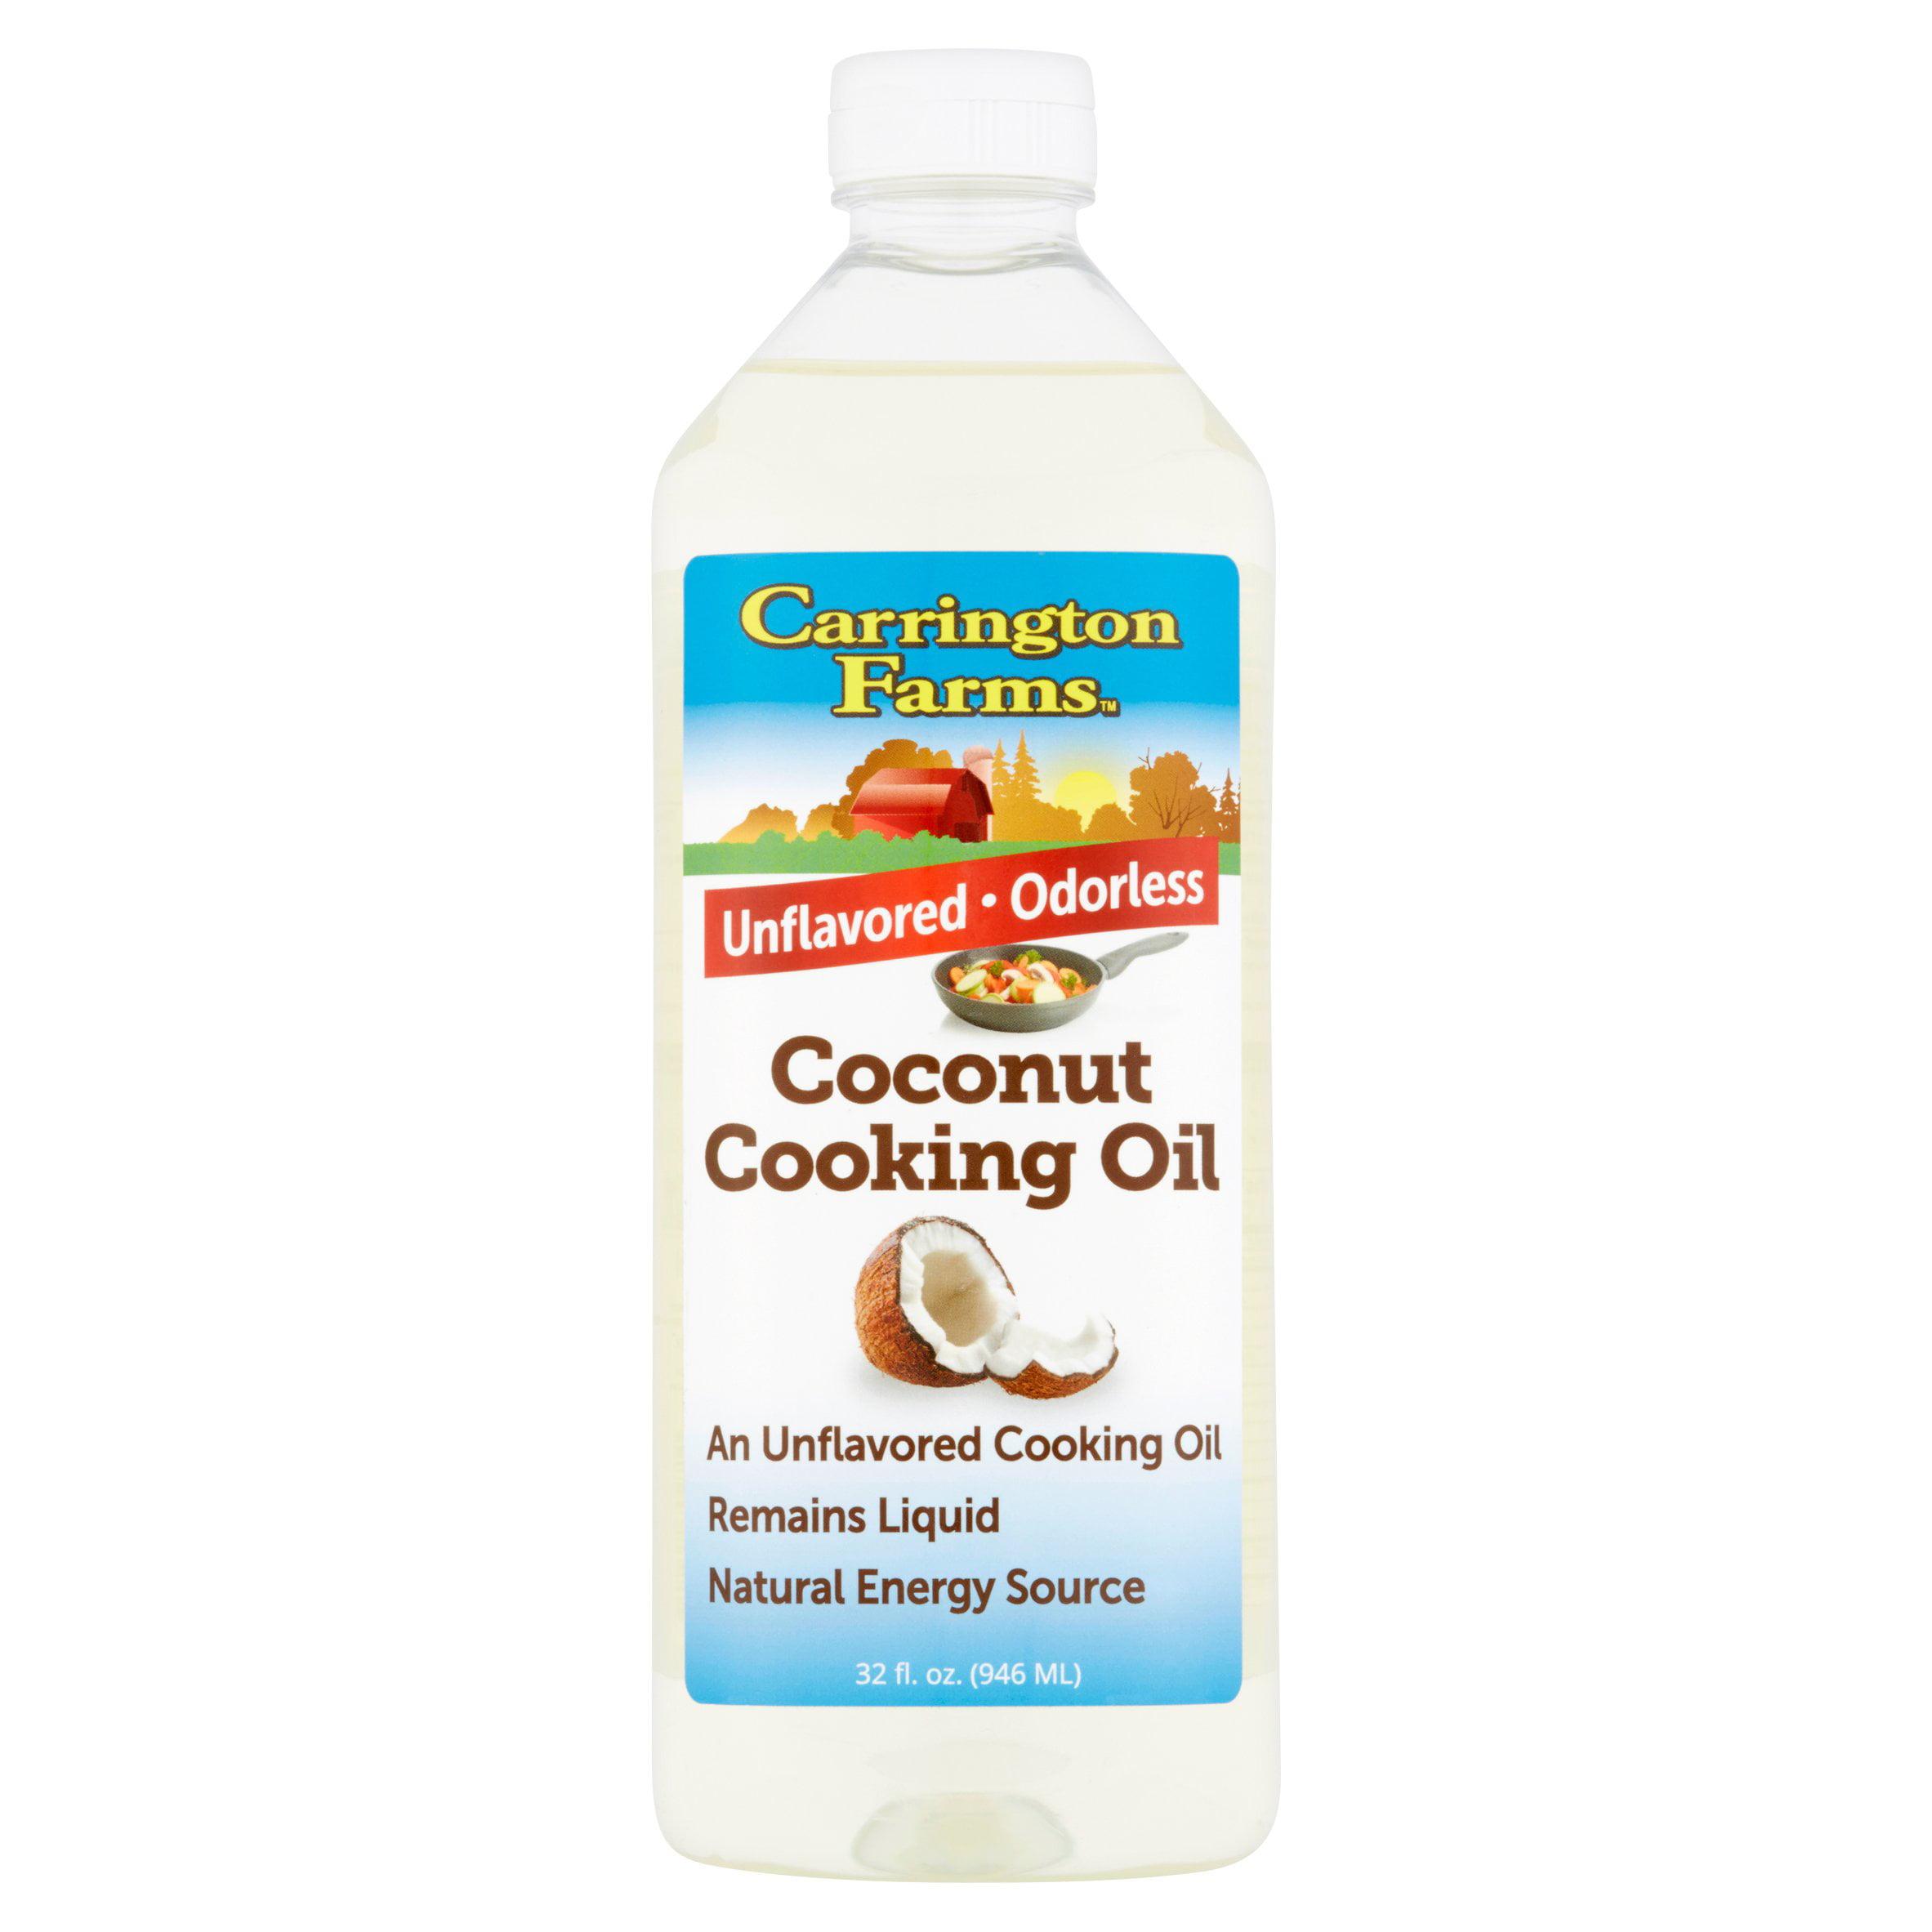 Carrington Farms Coconut Cooking Oil 32fl.oz by Carrington Farms